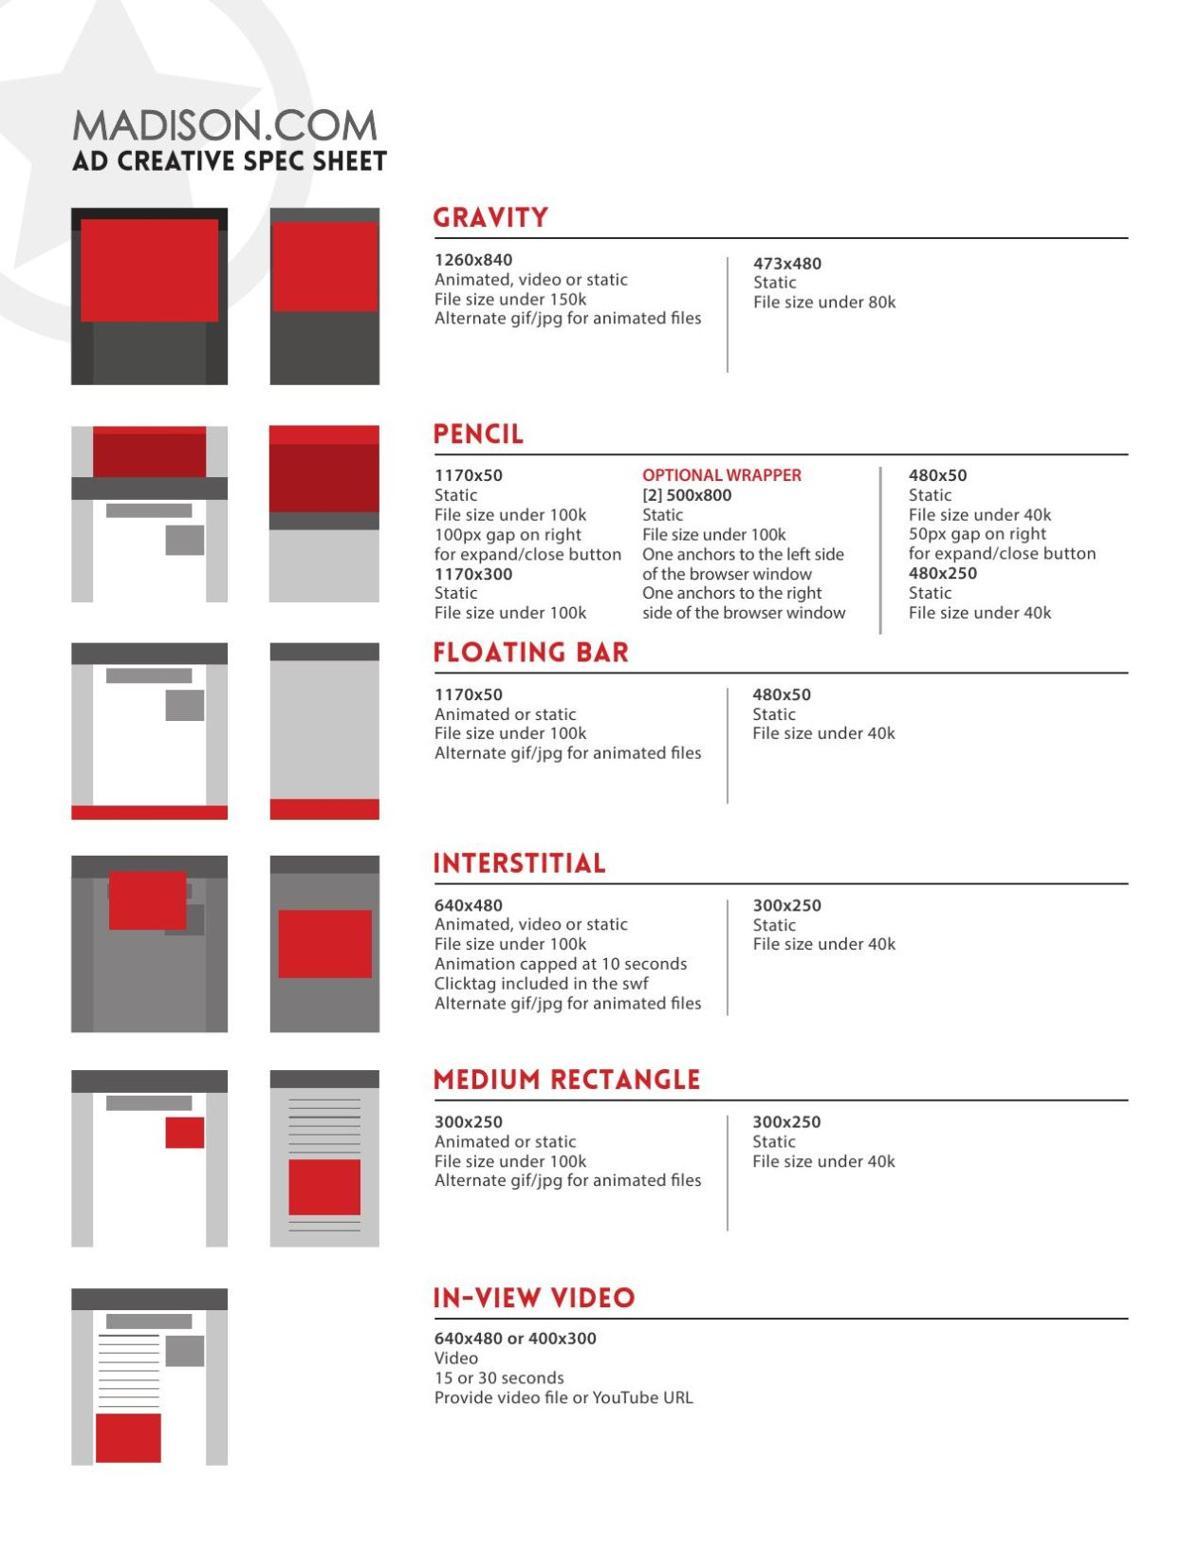 Madison.com Digital Advertising Spec Sheets